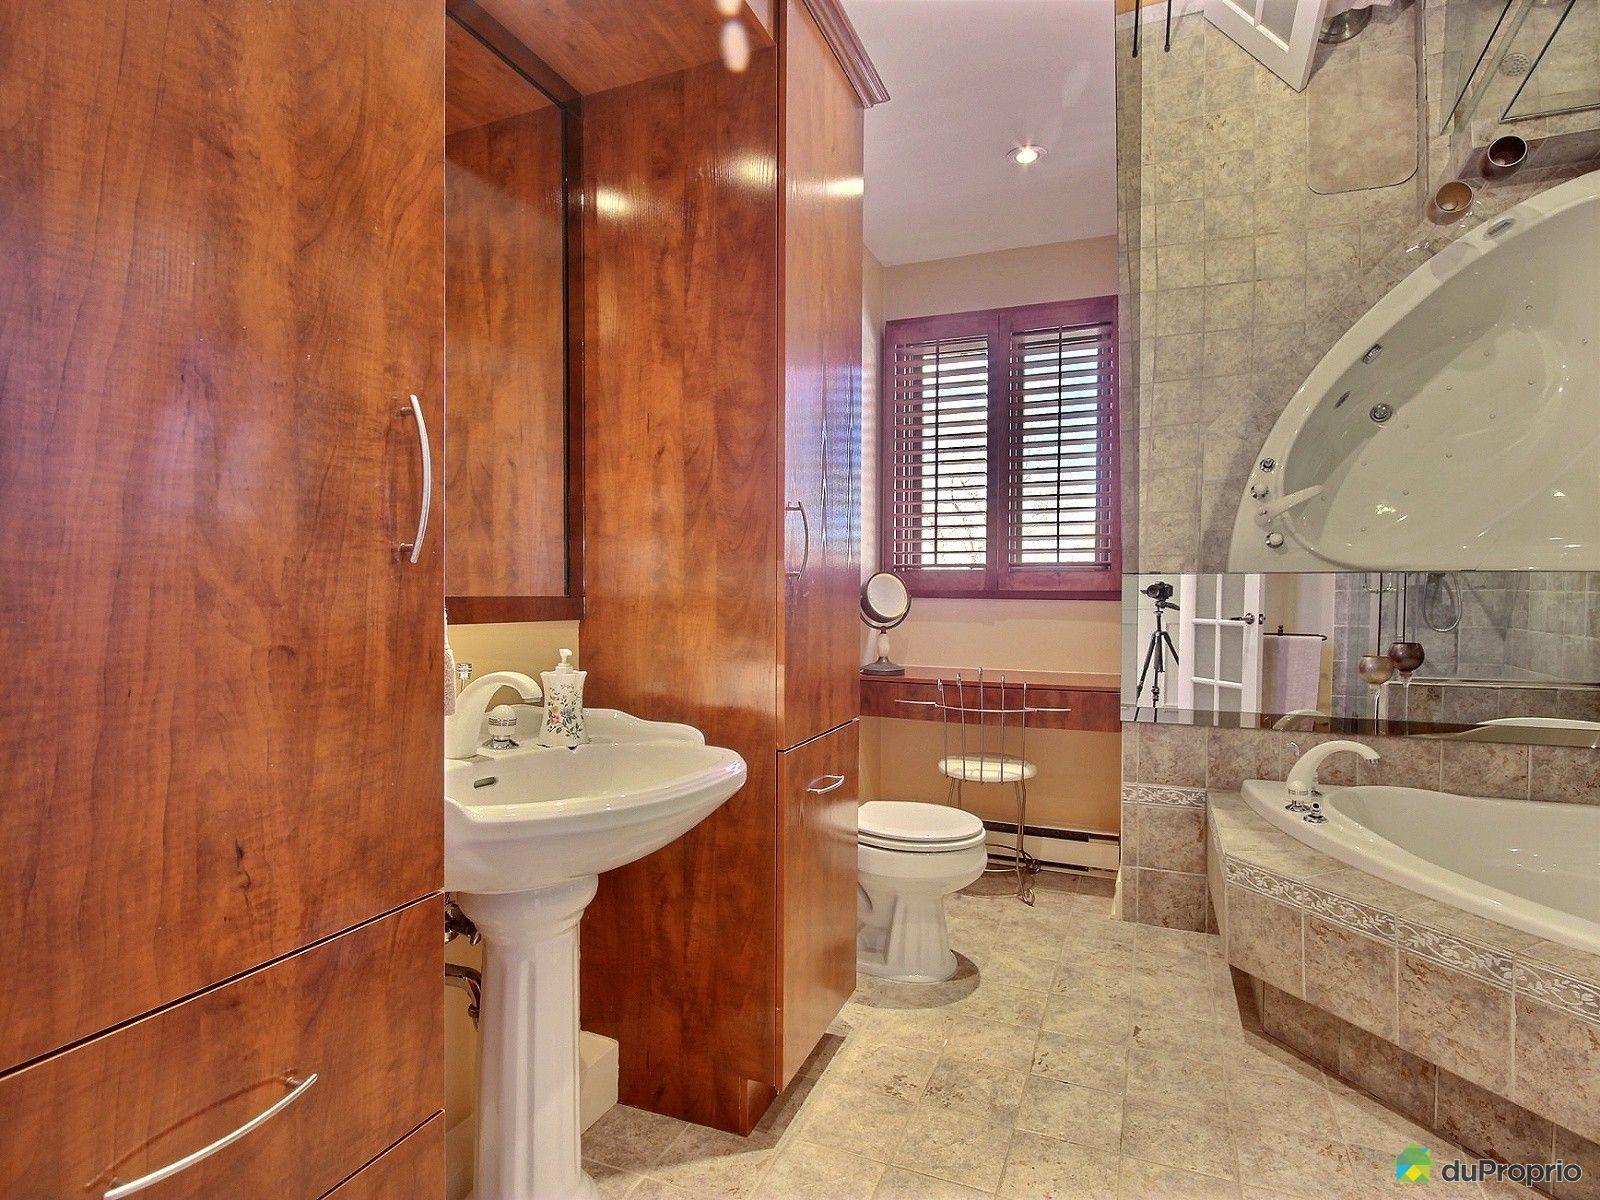 Maison vendre st eustache 160 boulevard l veill for Salle de bain 25 st eustache